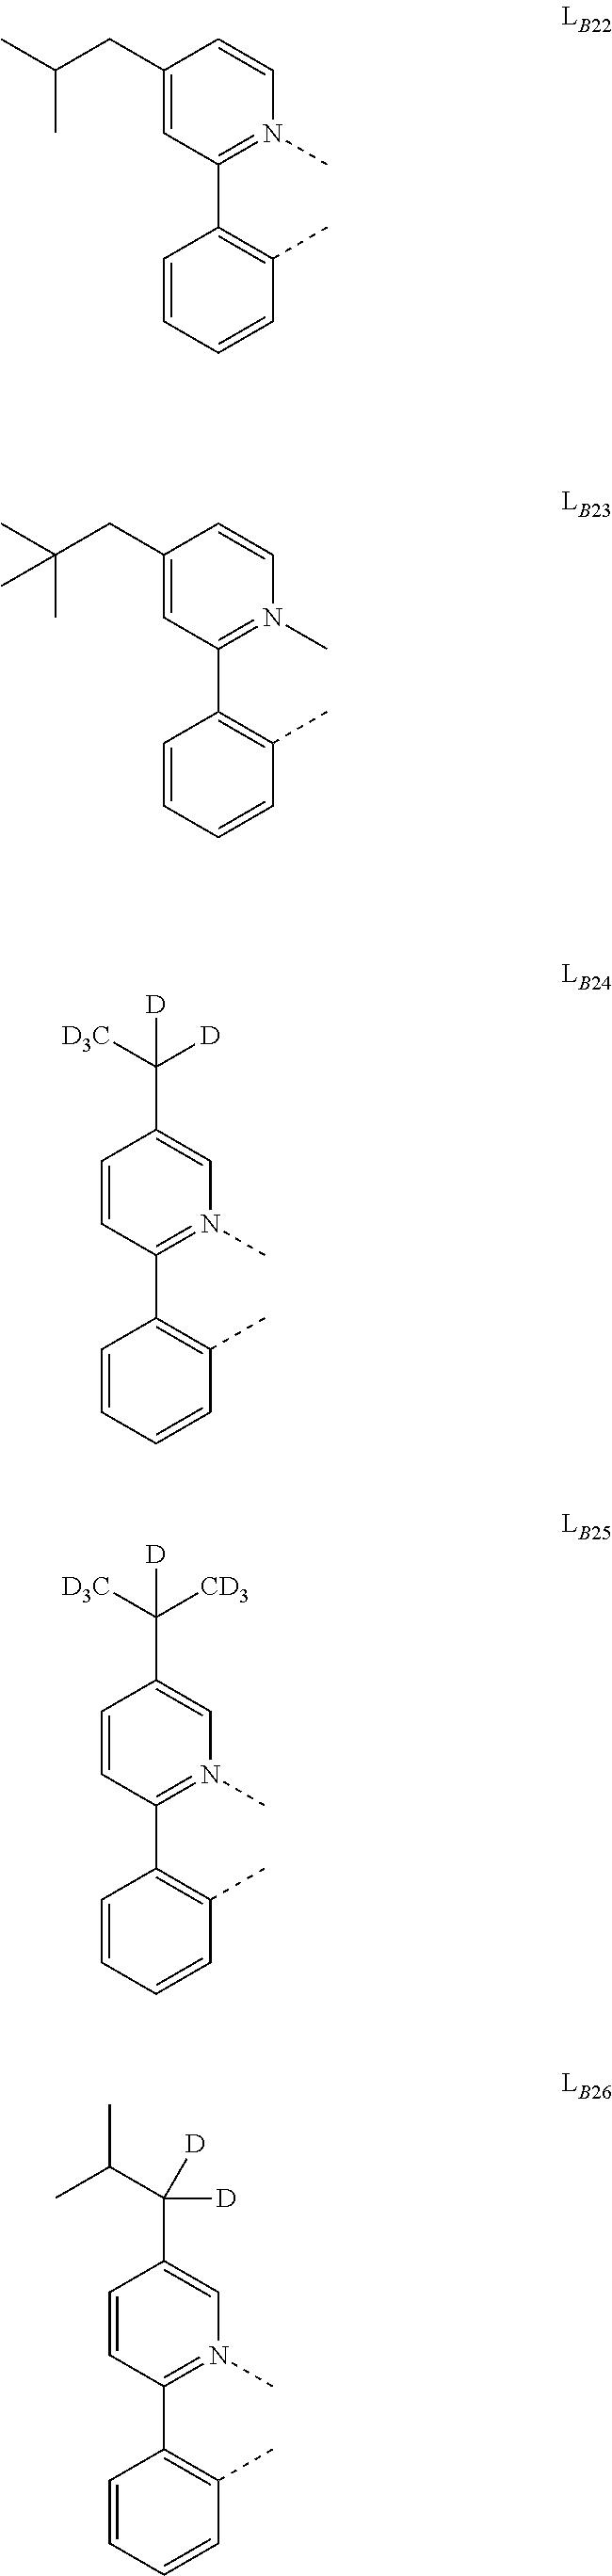 Figure US09929360-20180327-C00041